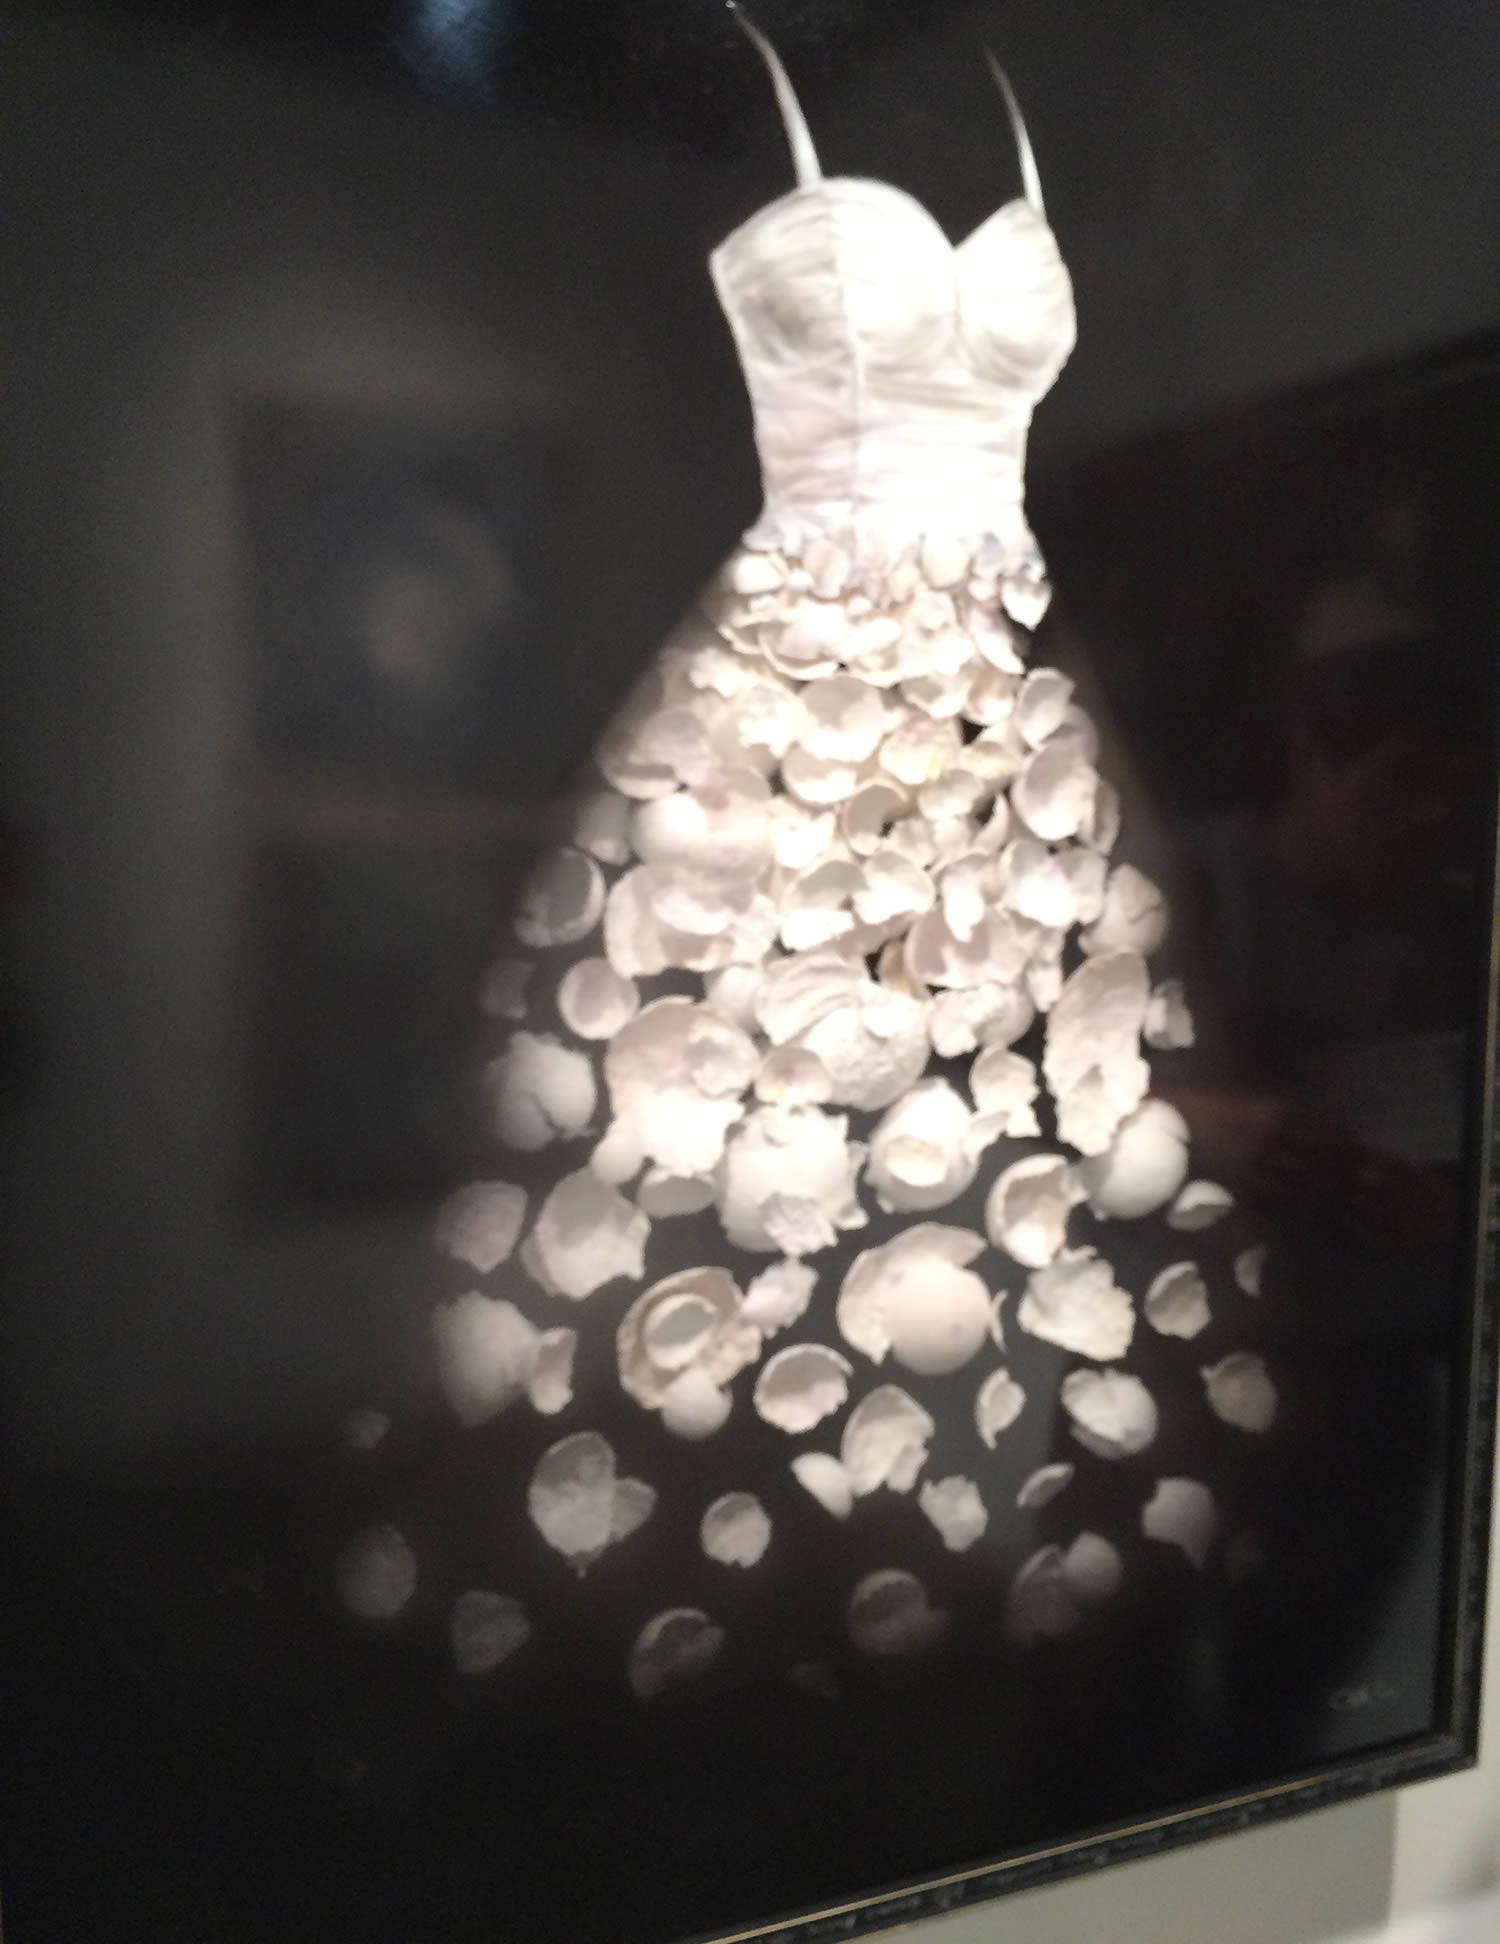 white dress by craig allan